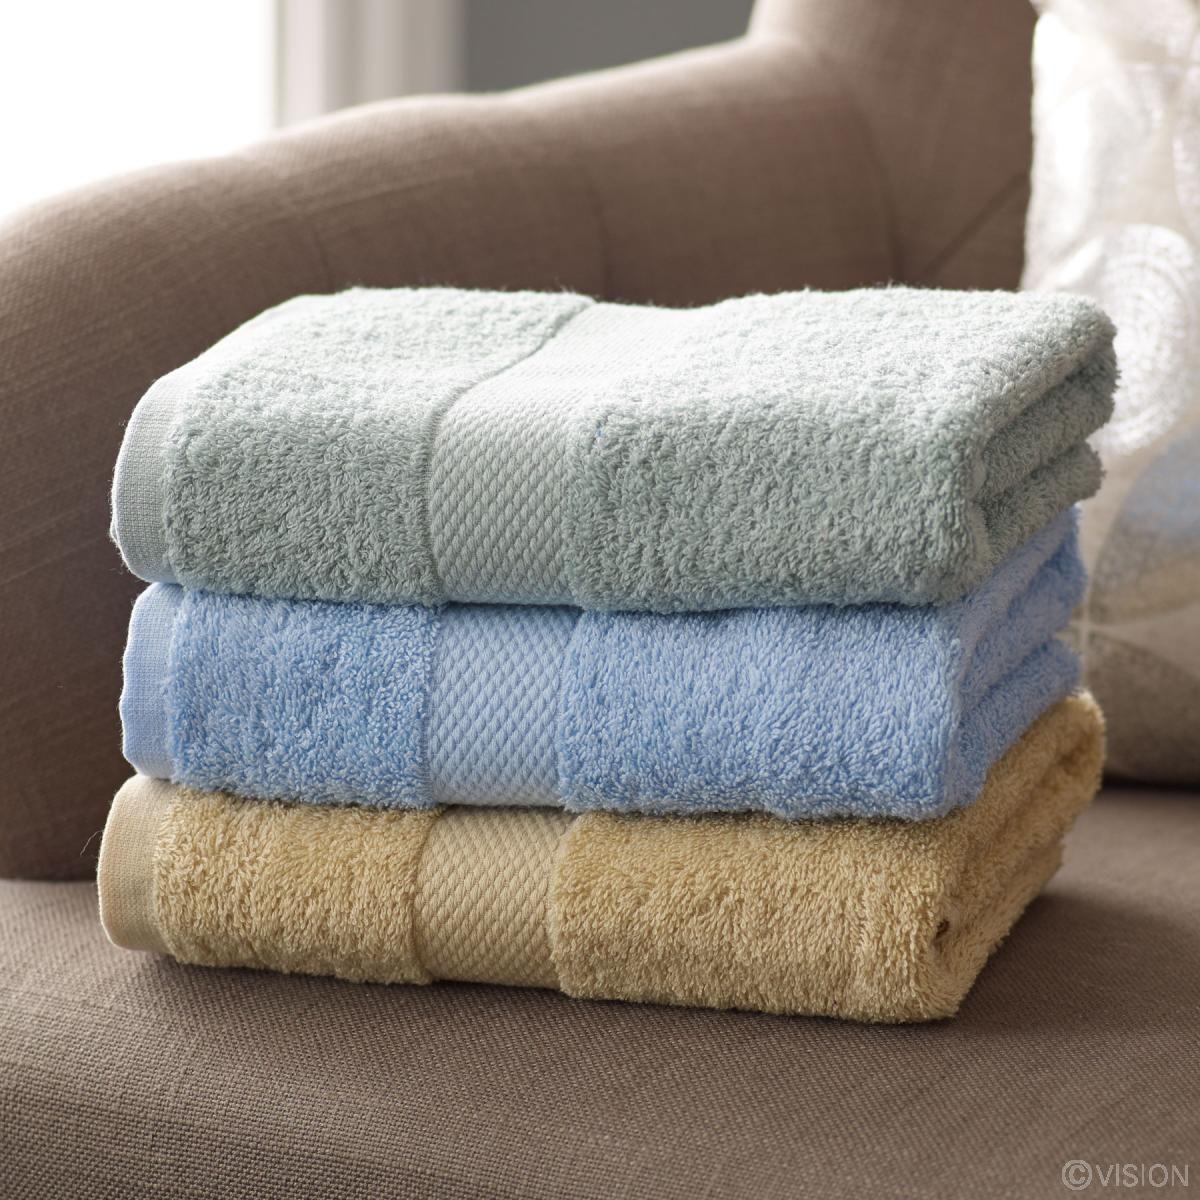 Bath Sheets